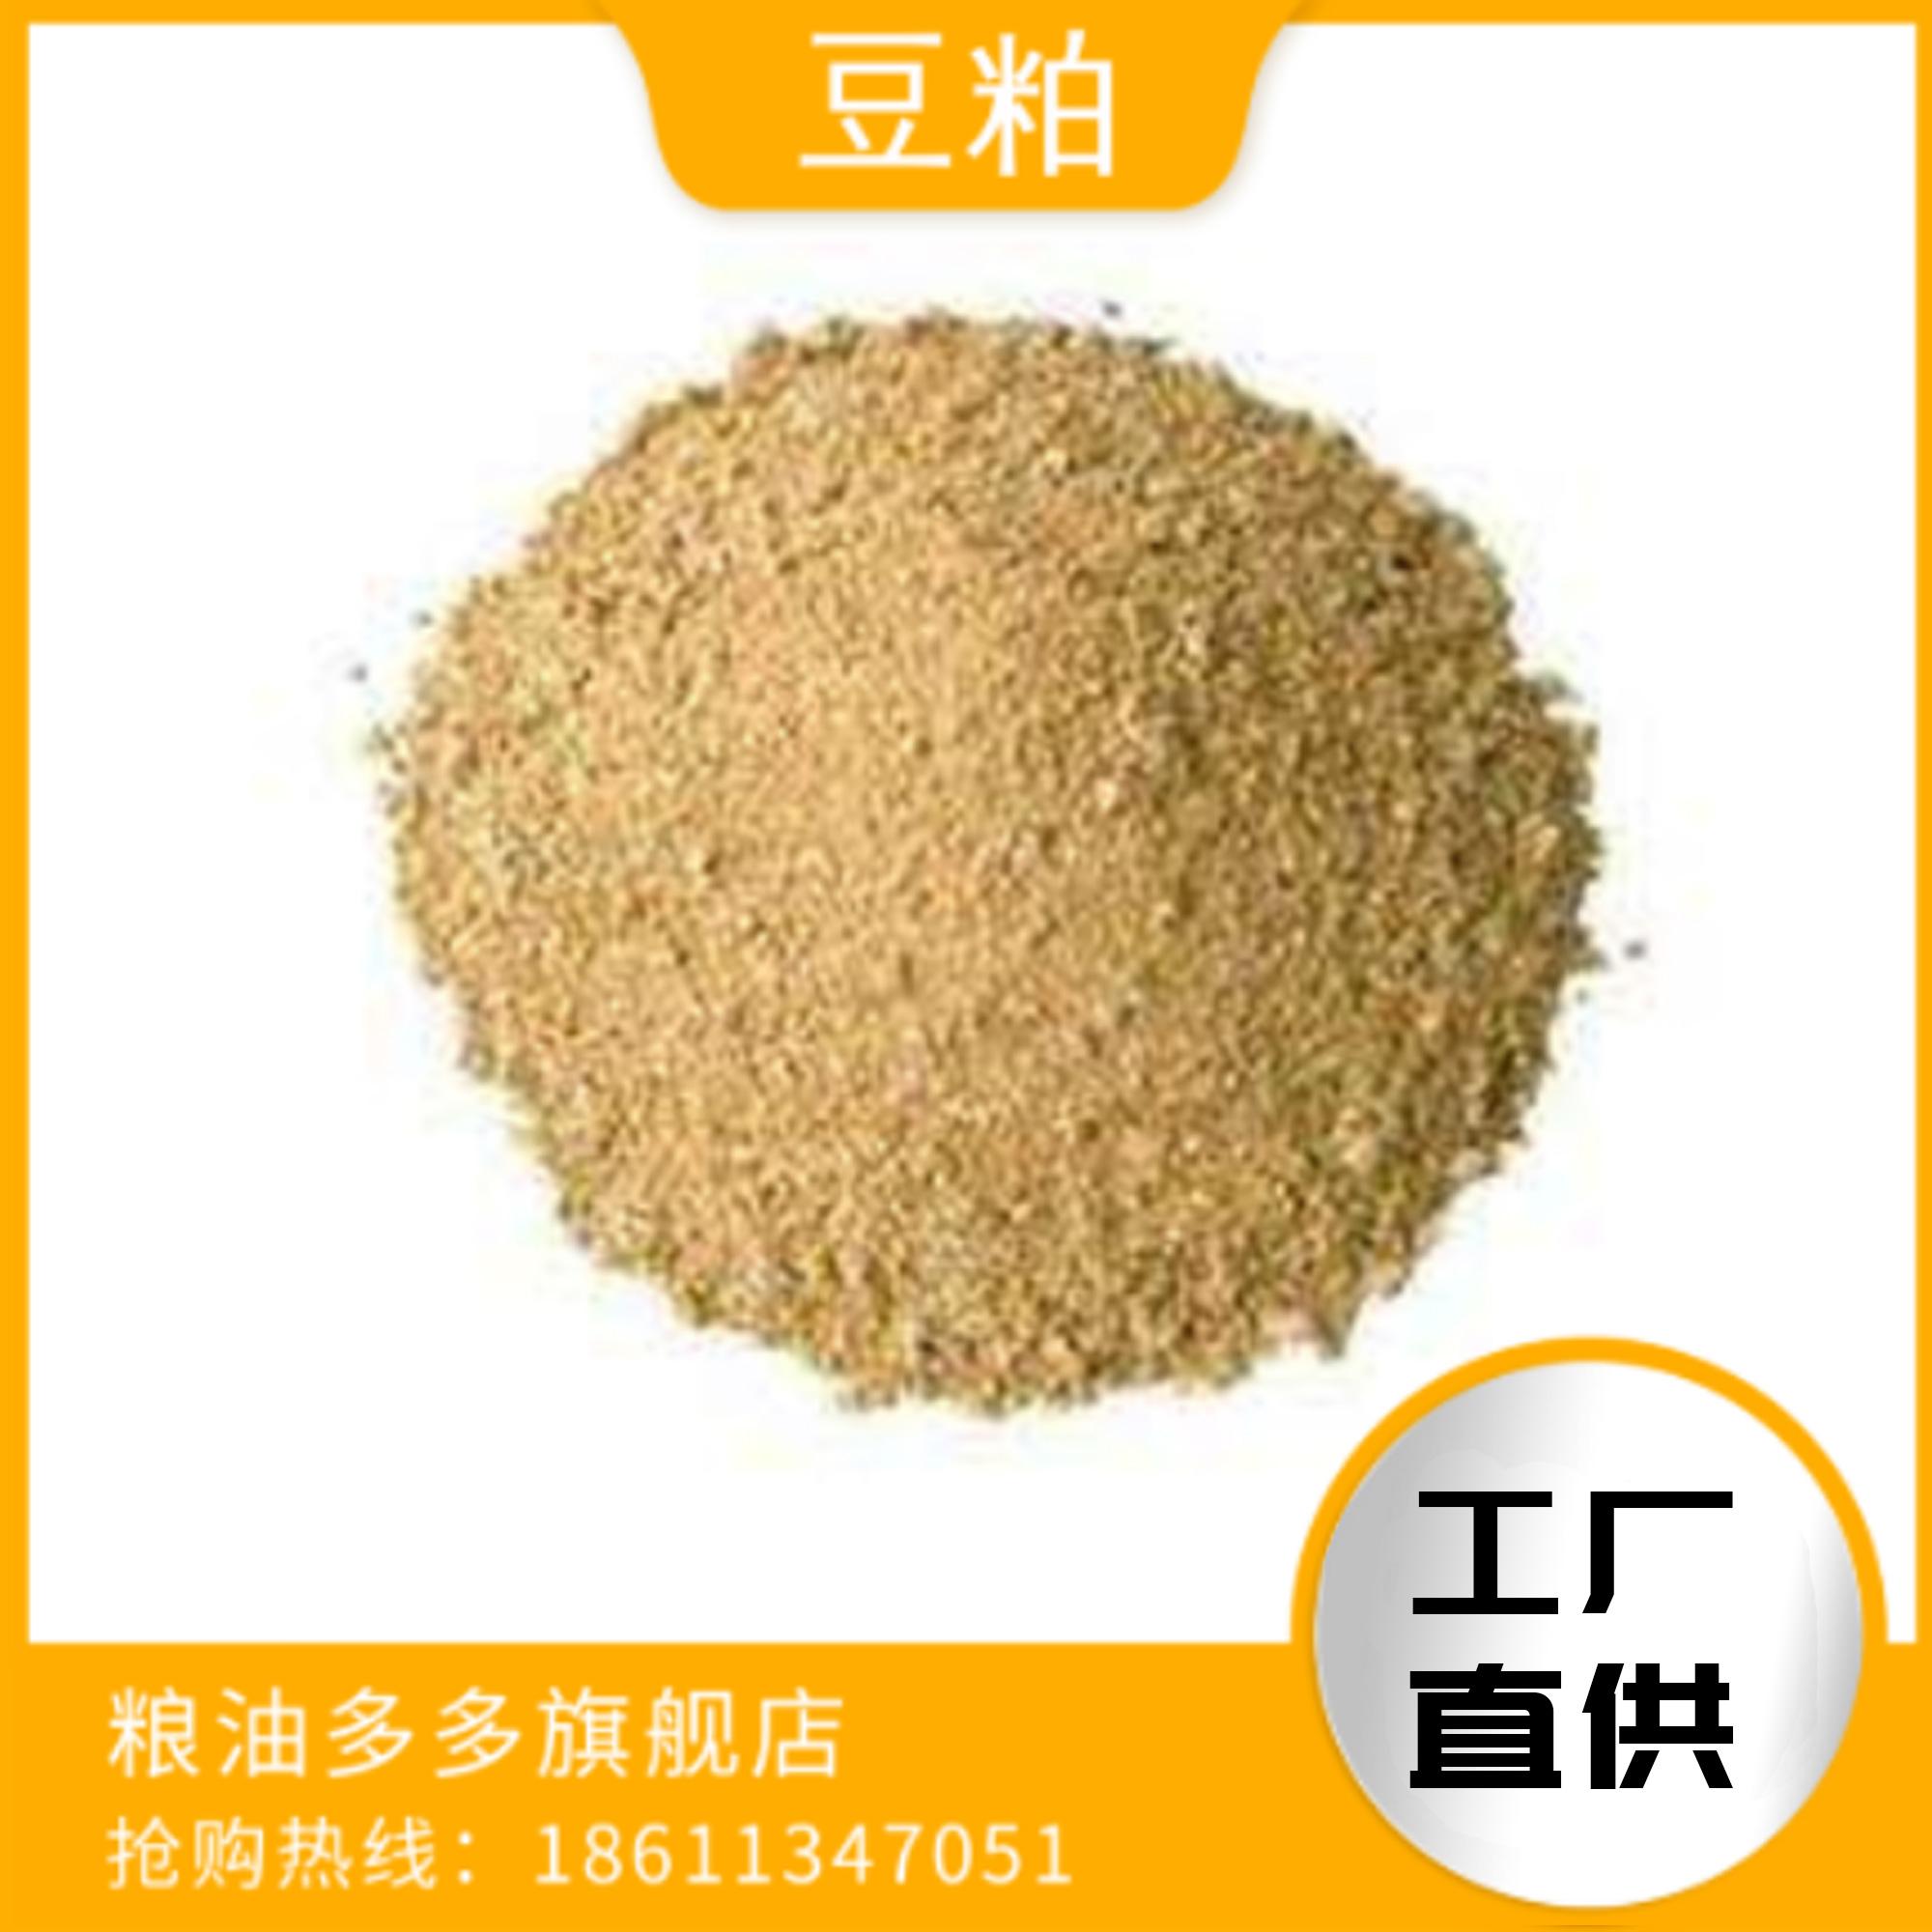 43%豆粕ZQ